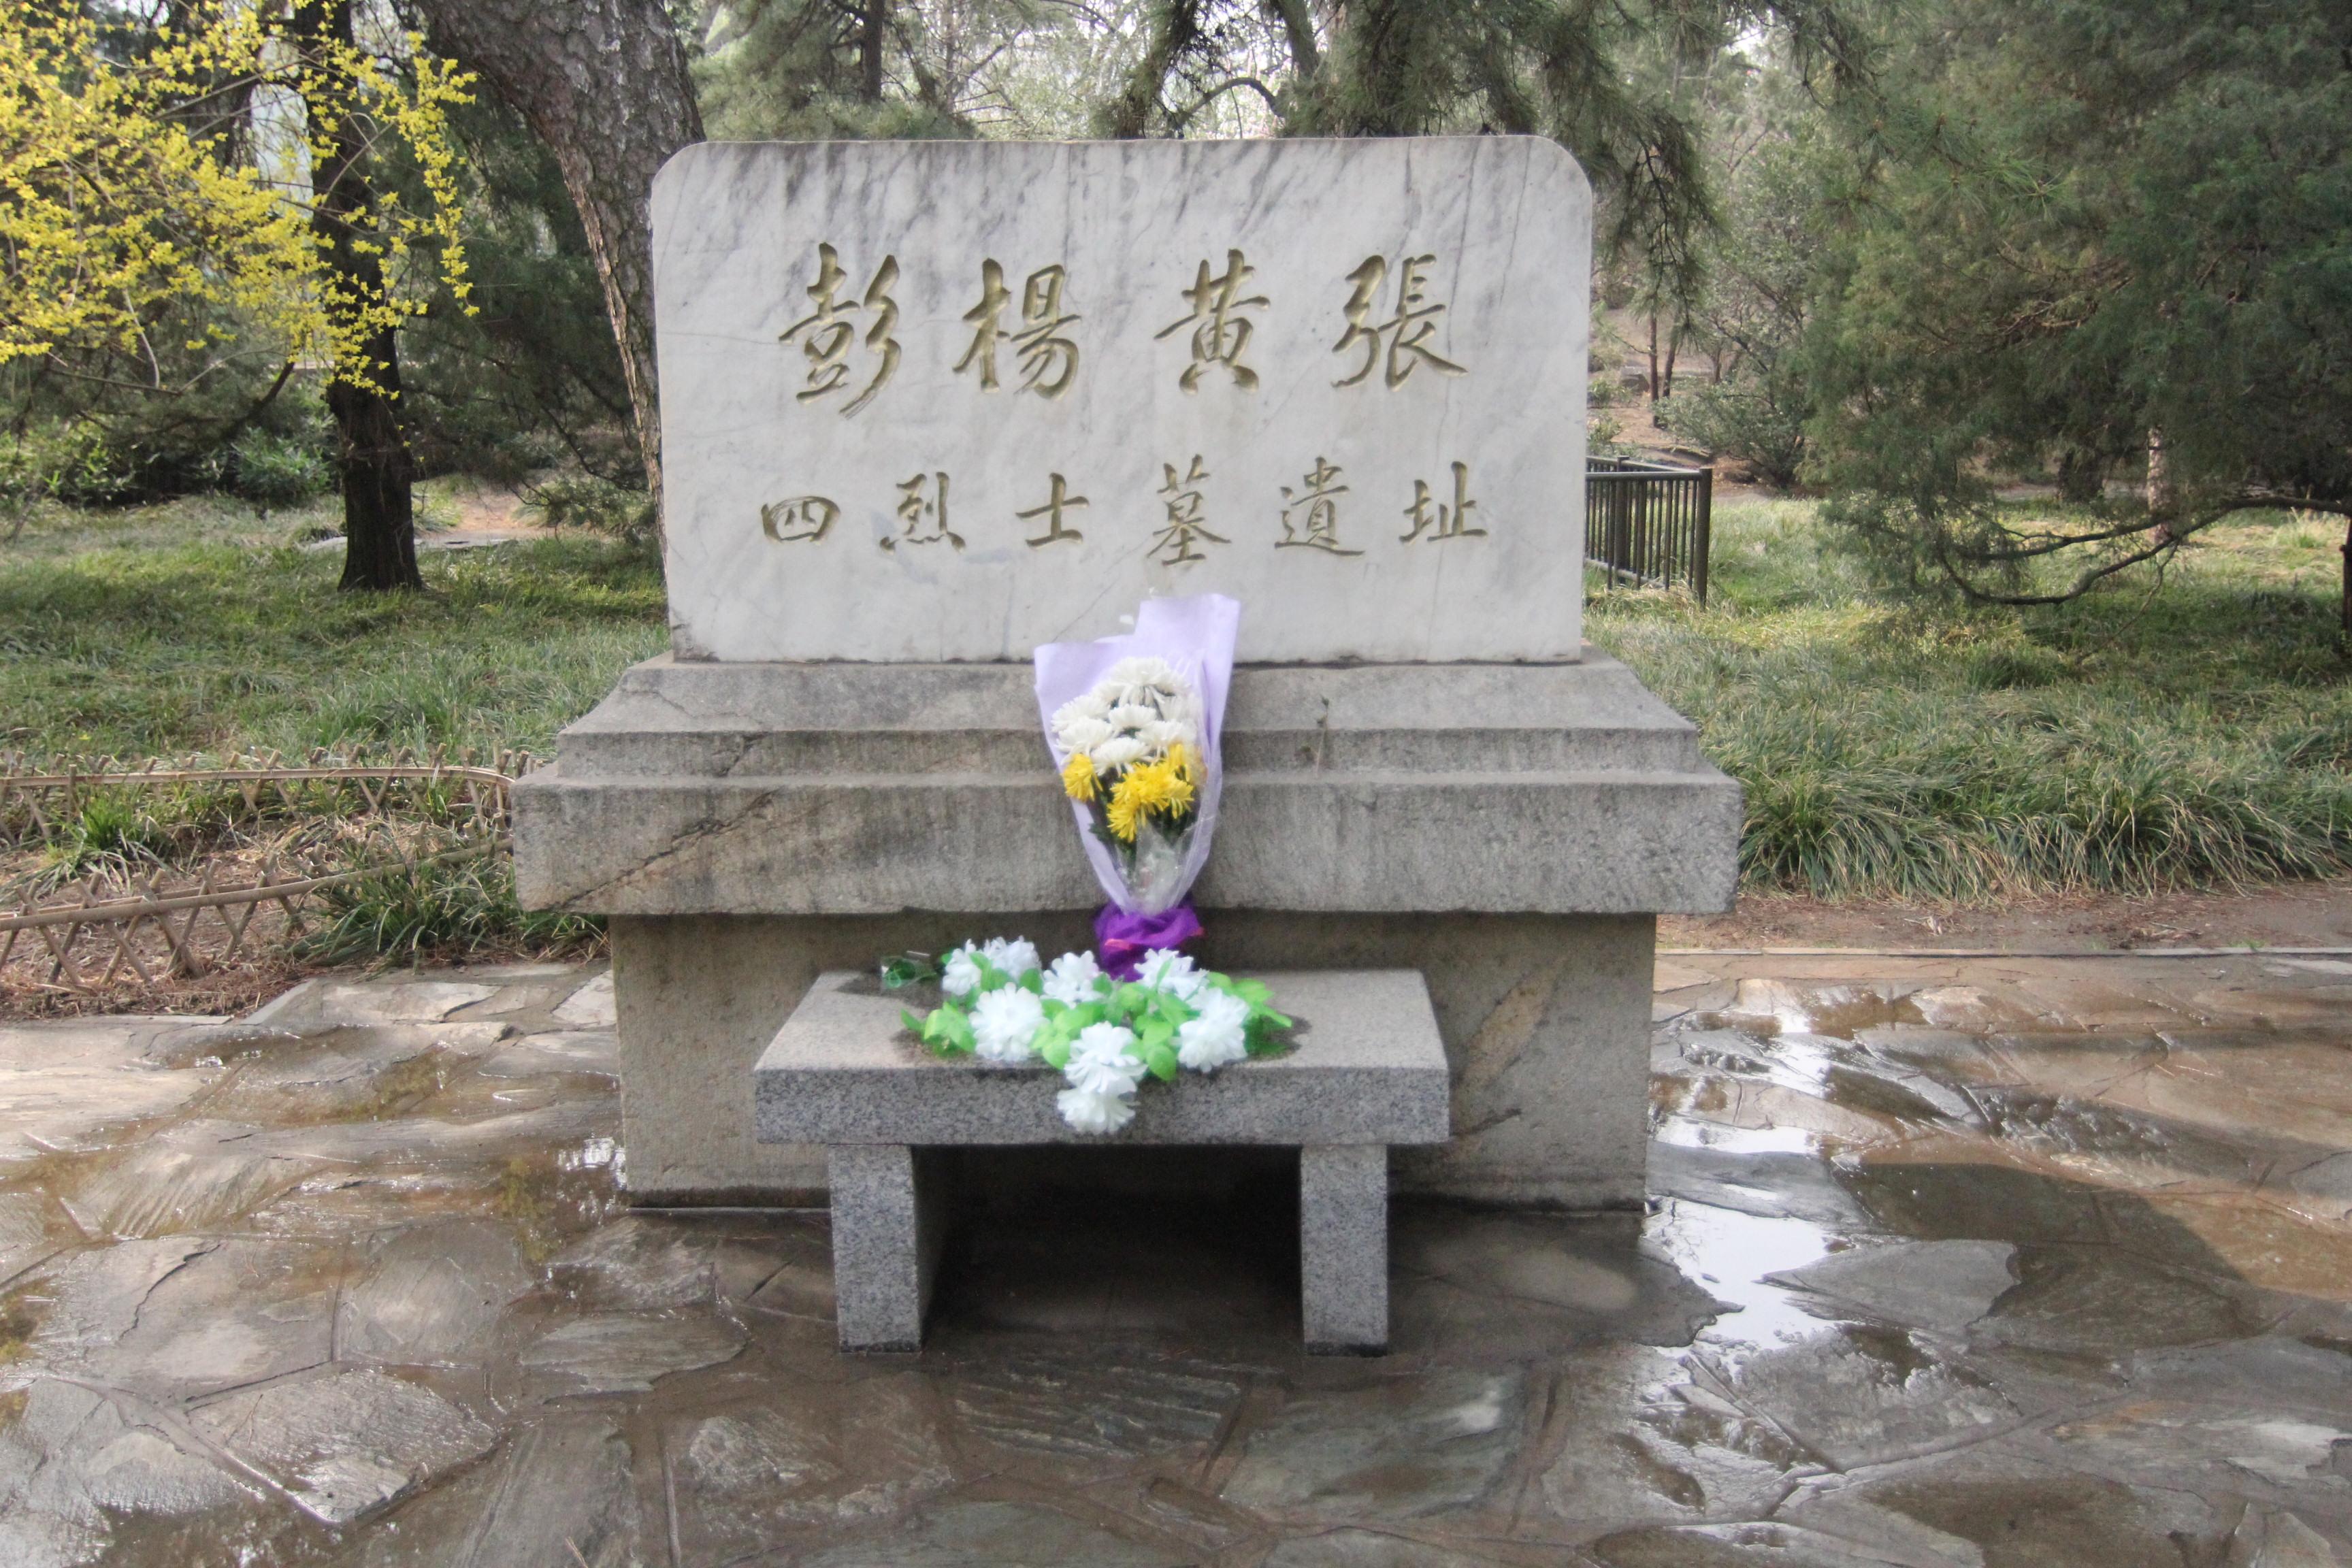 2015年4月6日 去过动物园多次,但听说彭家珍、杨禹昌、黄芝荫、张先培四位同盟会革命义士的墓藏身动物园还是最近的事。  四烈士墓并不难找,绕到熊猫馆北侧,就能看到一片松柏林中 彭杨黄张四烈士墓遗址的石碑,有祭拜的人已在碑前放上了菊花。这里的景致与一路之隔的水禽湖是完全不同的两副模样。水禽湖边游人聚集,热闹非凡,刚刚的一场春雨把这里的生灵都唤醒了,鹈鹕、鸳鸯、天鹅、鸿雁在水面上嬉戏,湖心岛上搭窝的喜鹊忙碌成一片,岸边鲜绿的垂柳在小风中轻舞,仿佛能听到新鲜嫩叶发芽的声音。眼前的一切把东面近在咫尺的松柏林衬